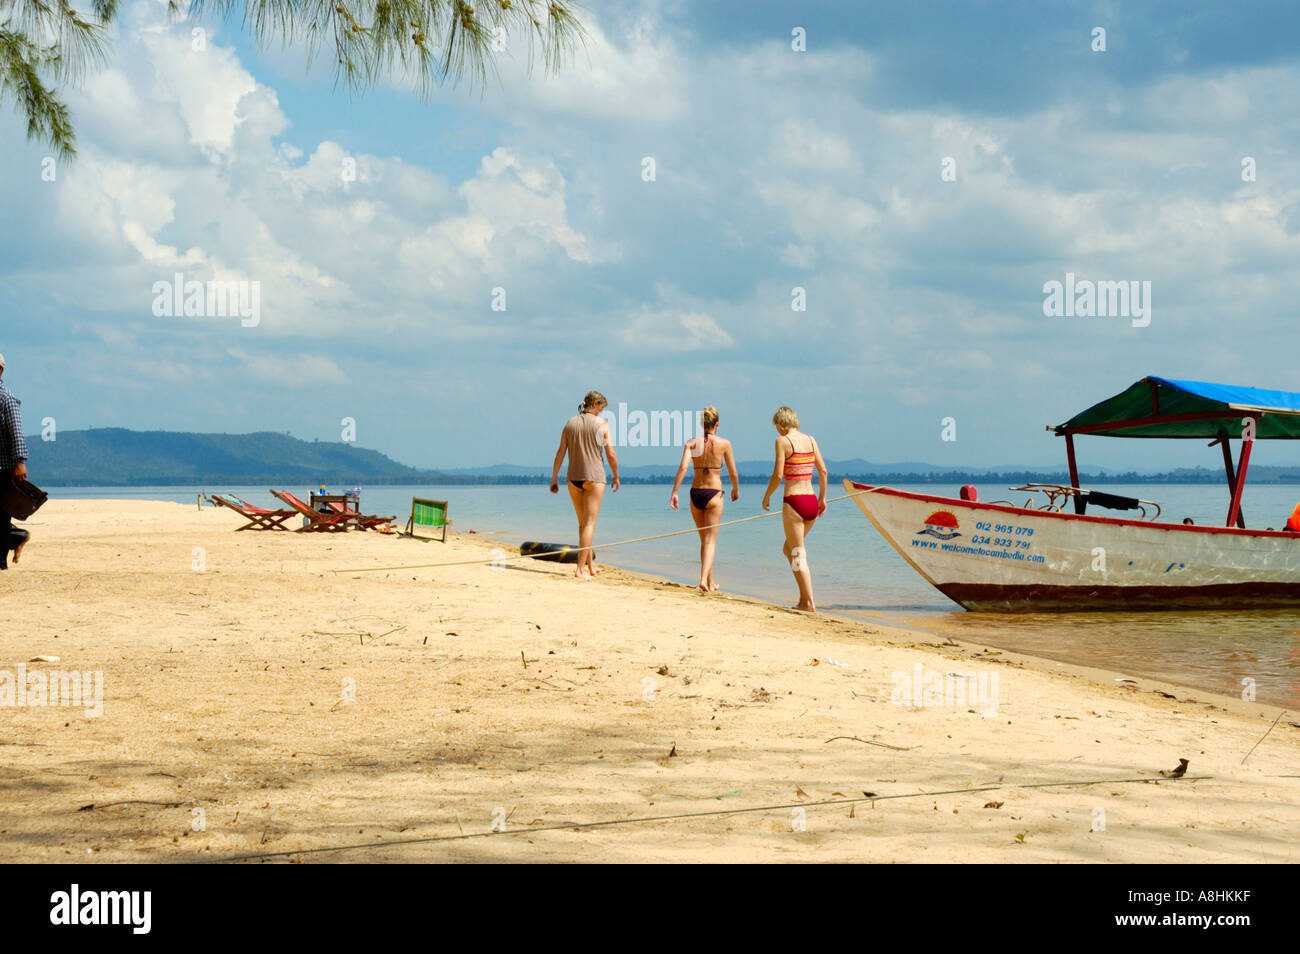 Trois jeunes femmes maigre lors d'une plage de sable fin avec un bateau Bamboo Island Sihanoukville Cambodge Kompong Som Photo Stock